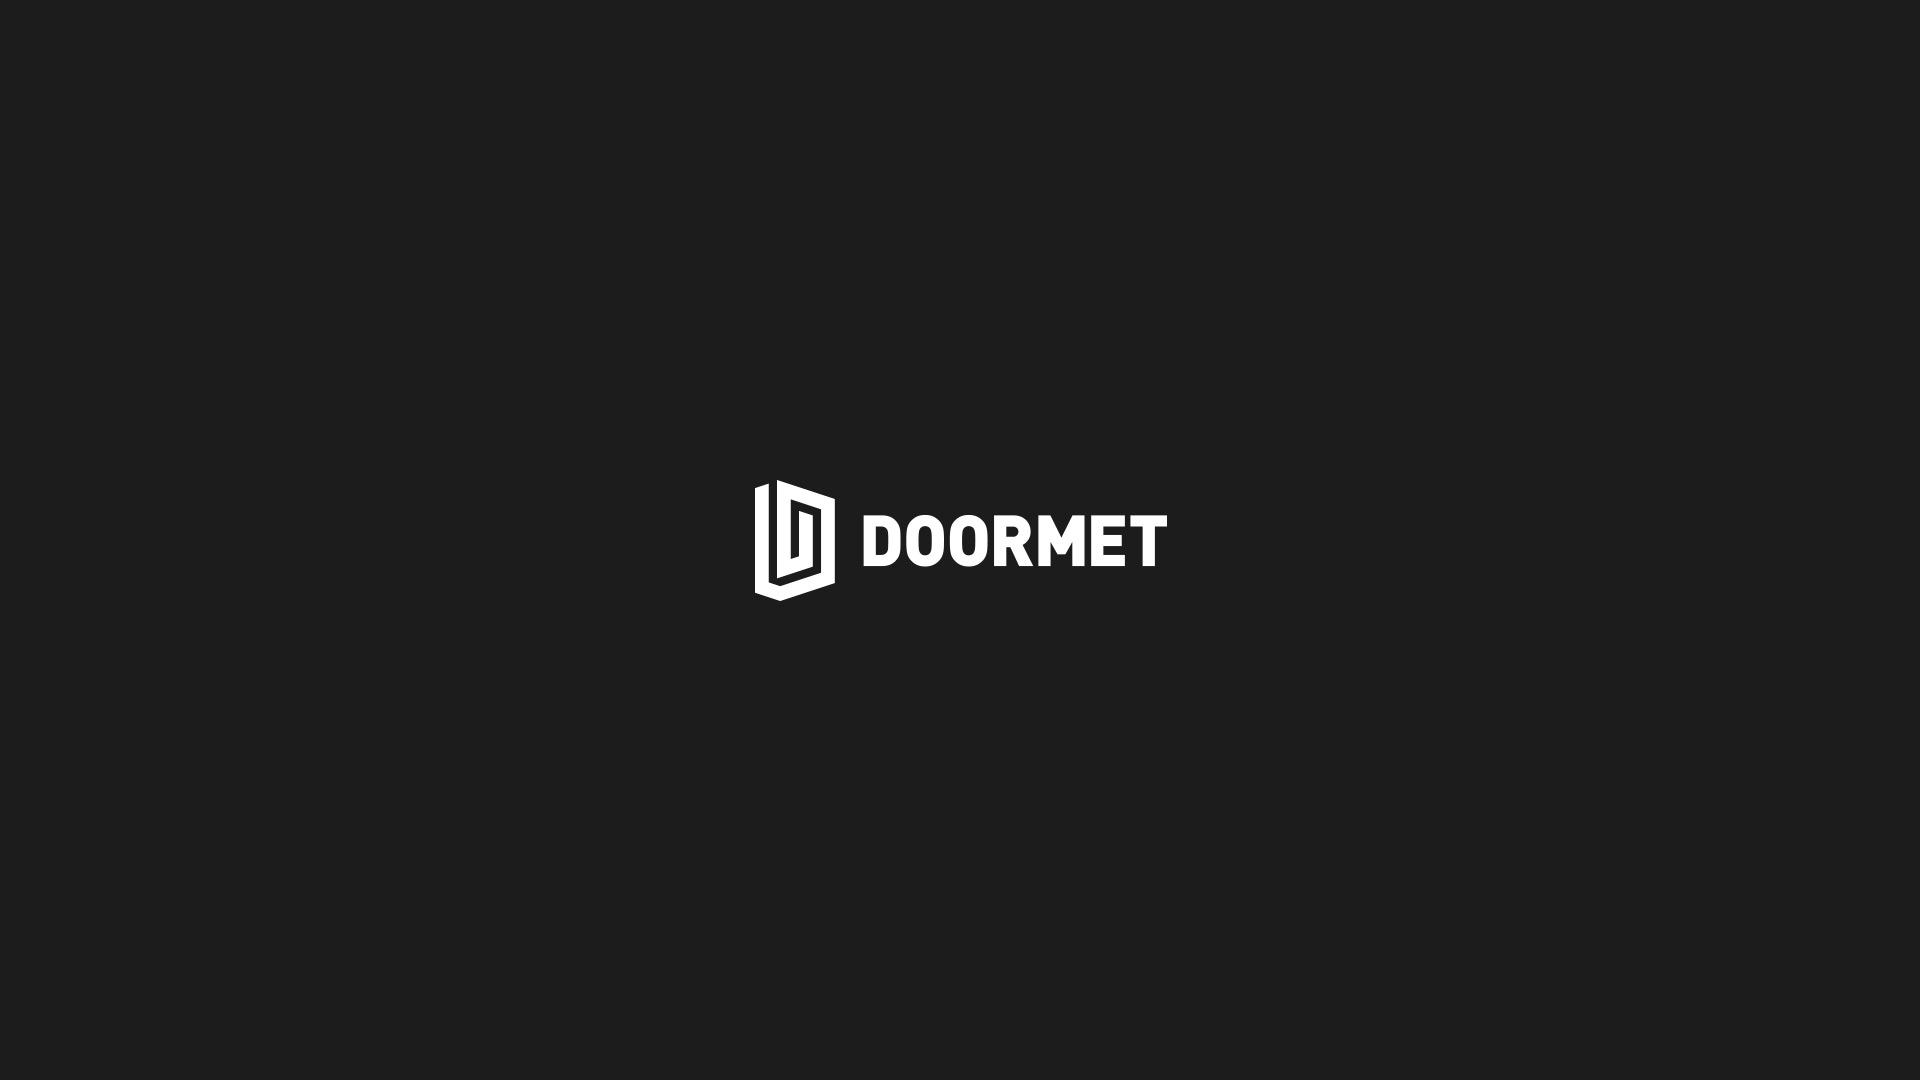 prezentacja-logo-negatyw-czarno-biale